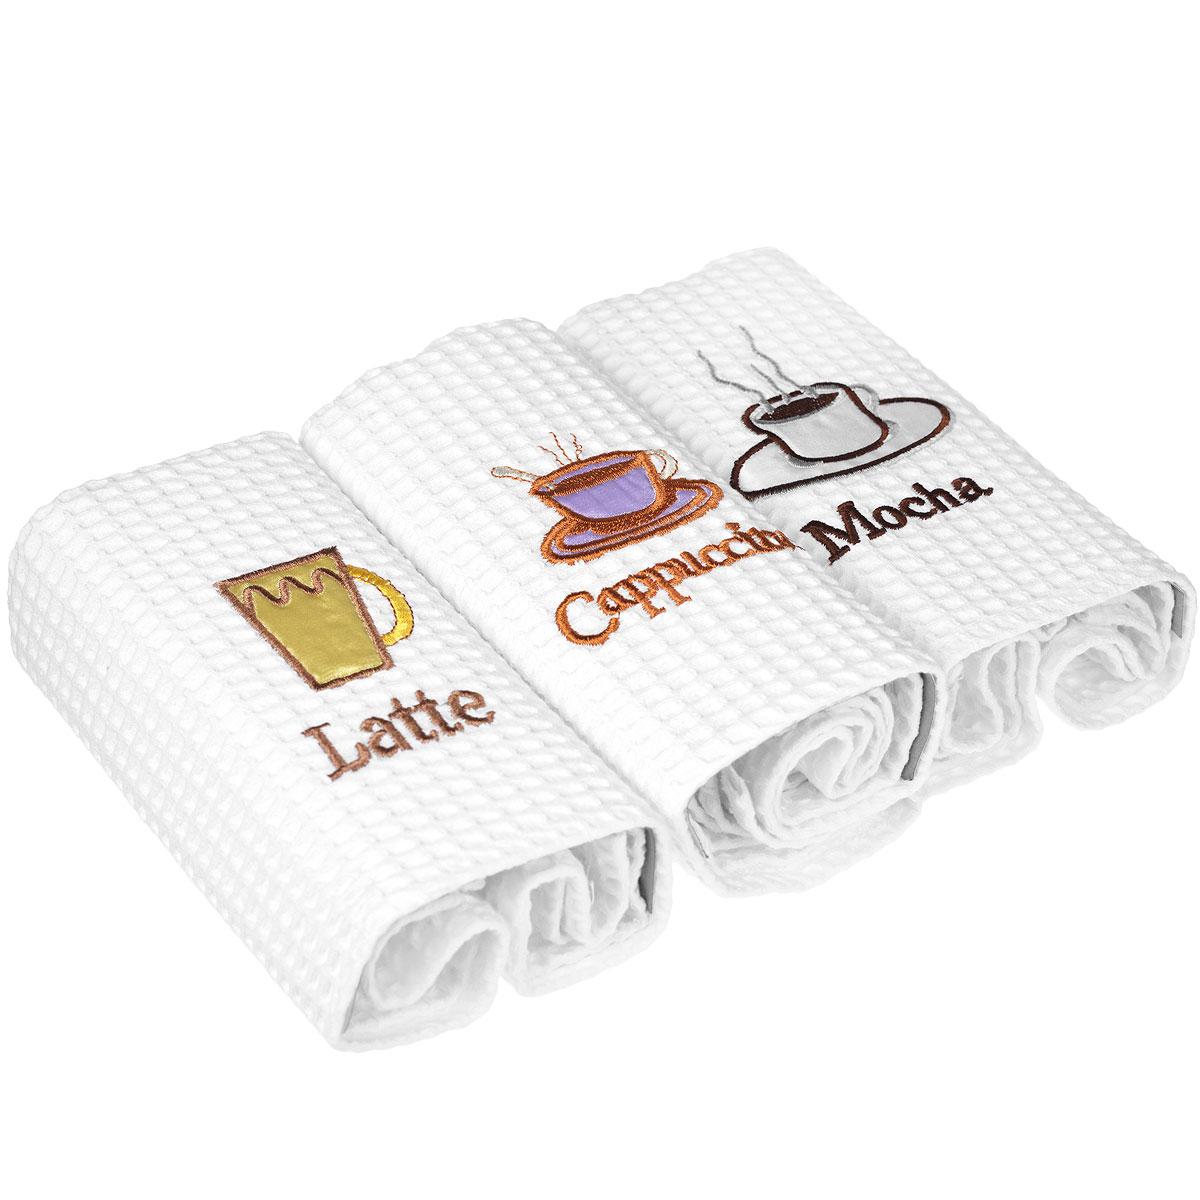 Набор кухонных полотенец Happy Bear Coffee, цвет: белый, 48 см х 70 см, 3 шт50044_whiteНабор Happy Bear Coffee состоит из трех вафельных кухонных полотенец белого цвета. Полотенца выполнены из натурального хлопка и декорированы вышивкой в виде чашек с кофе. Такие полотенца прекрасно впитывают влагу, быстро сохнут и легко стираются, не теряя своих свойств даже после многократных стирок. Они износоустойчивые, прочные и практичные. Набор полотенец Happy Bear Coffee создаст атмосферу уюта и комфорта на вашей кухне. Рекомендации по уходу: - стирать при температуре 40-50°С, - не следует стирать вместе с изделиями из полиэстера или другого синтетического материала, - не рекомендуется использование отбеливателя, - сушить в деликатном режиме.